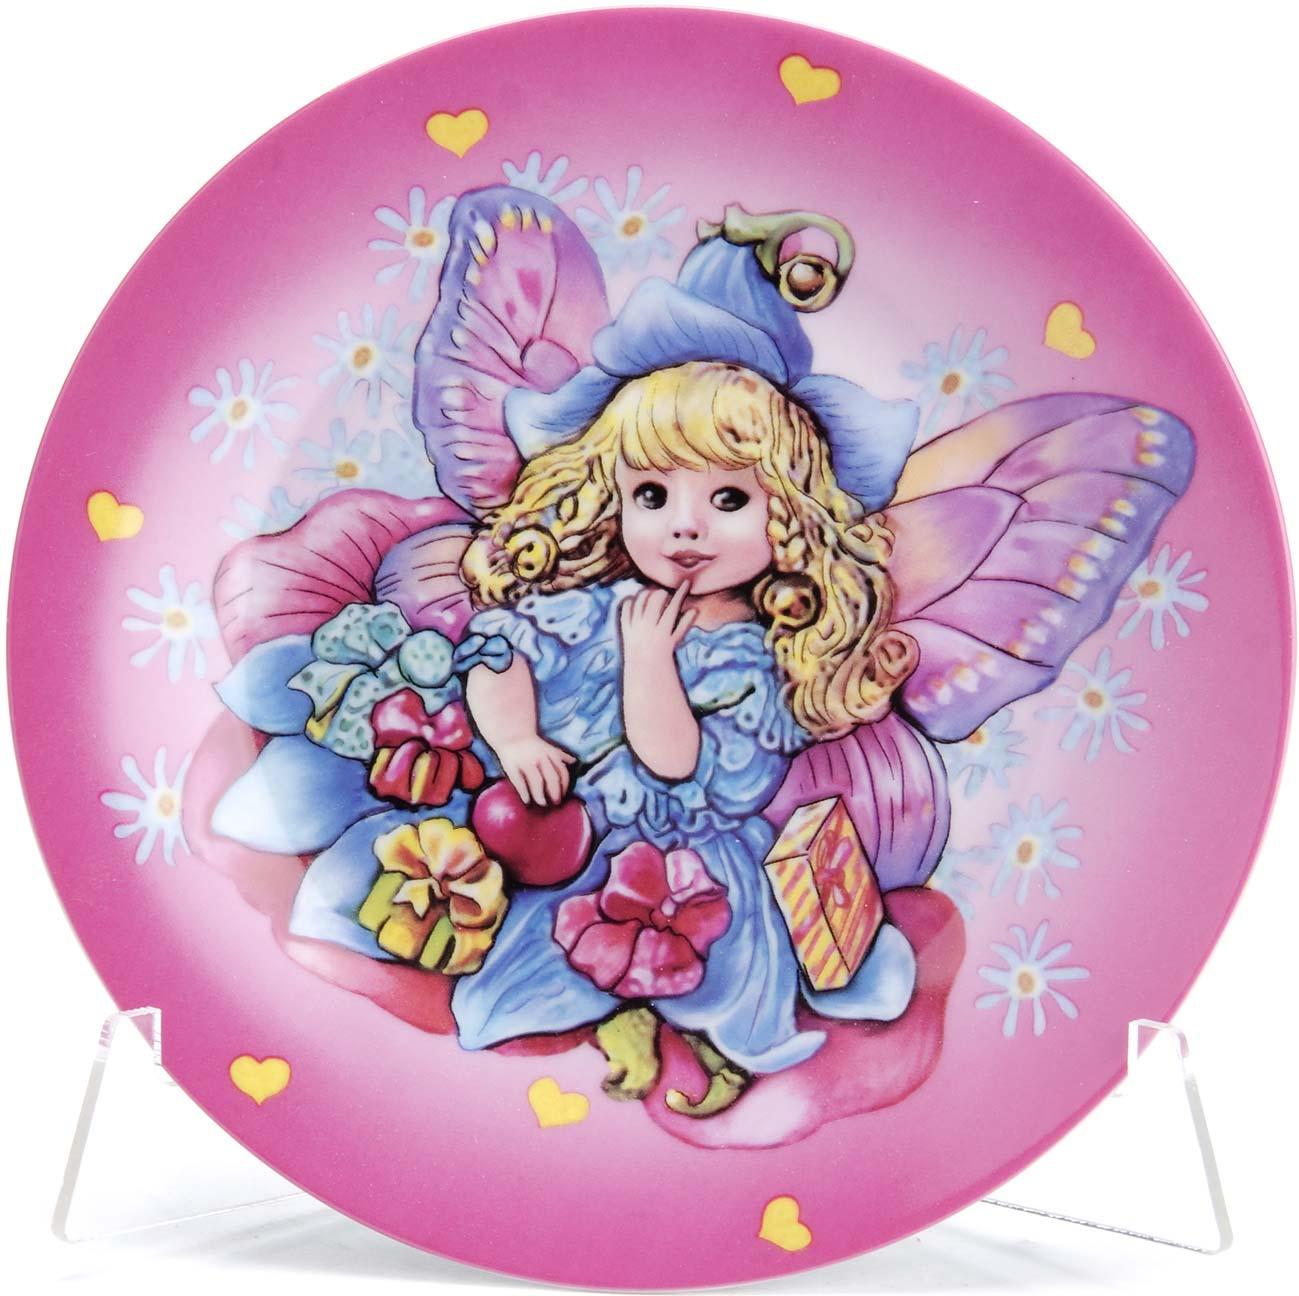 Набор детской посуды Loraine Ангел, цвет: розовый, белый, синий, 3 предмета набор посуды для детей loraine ангел lr 24027